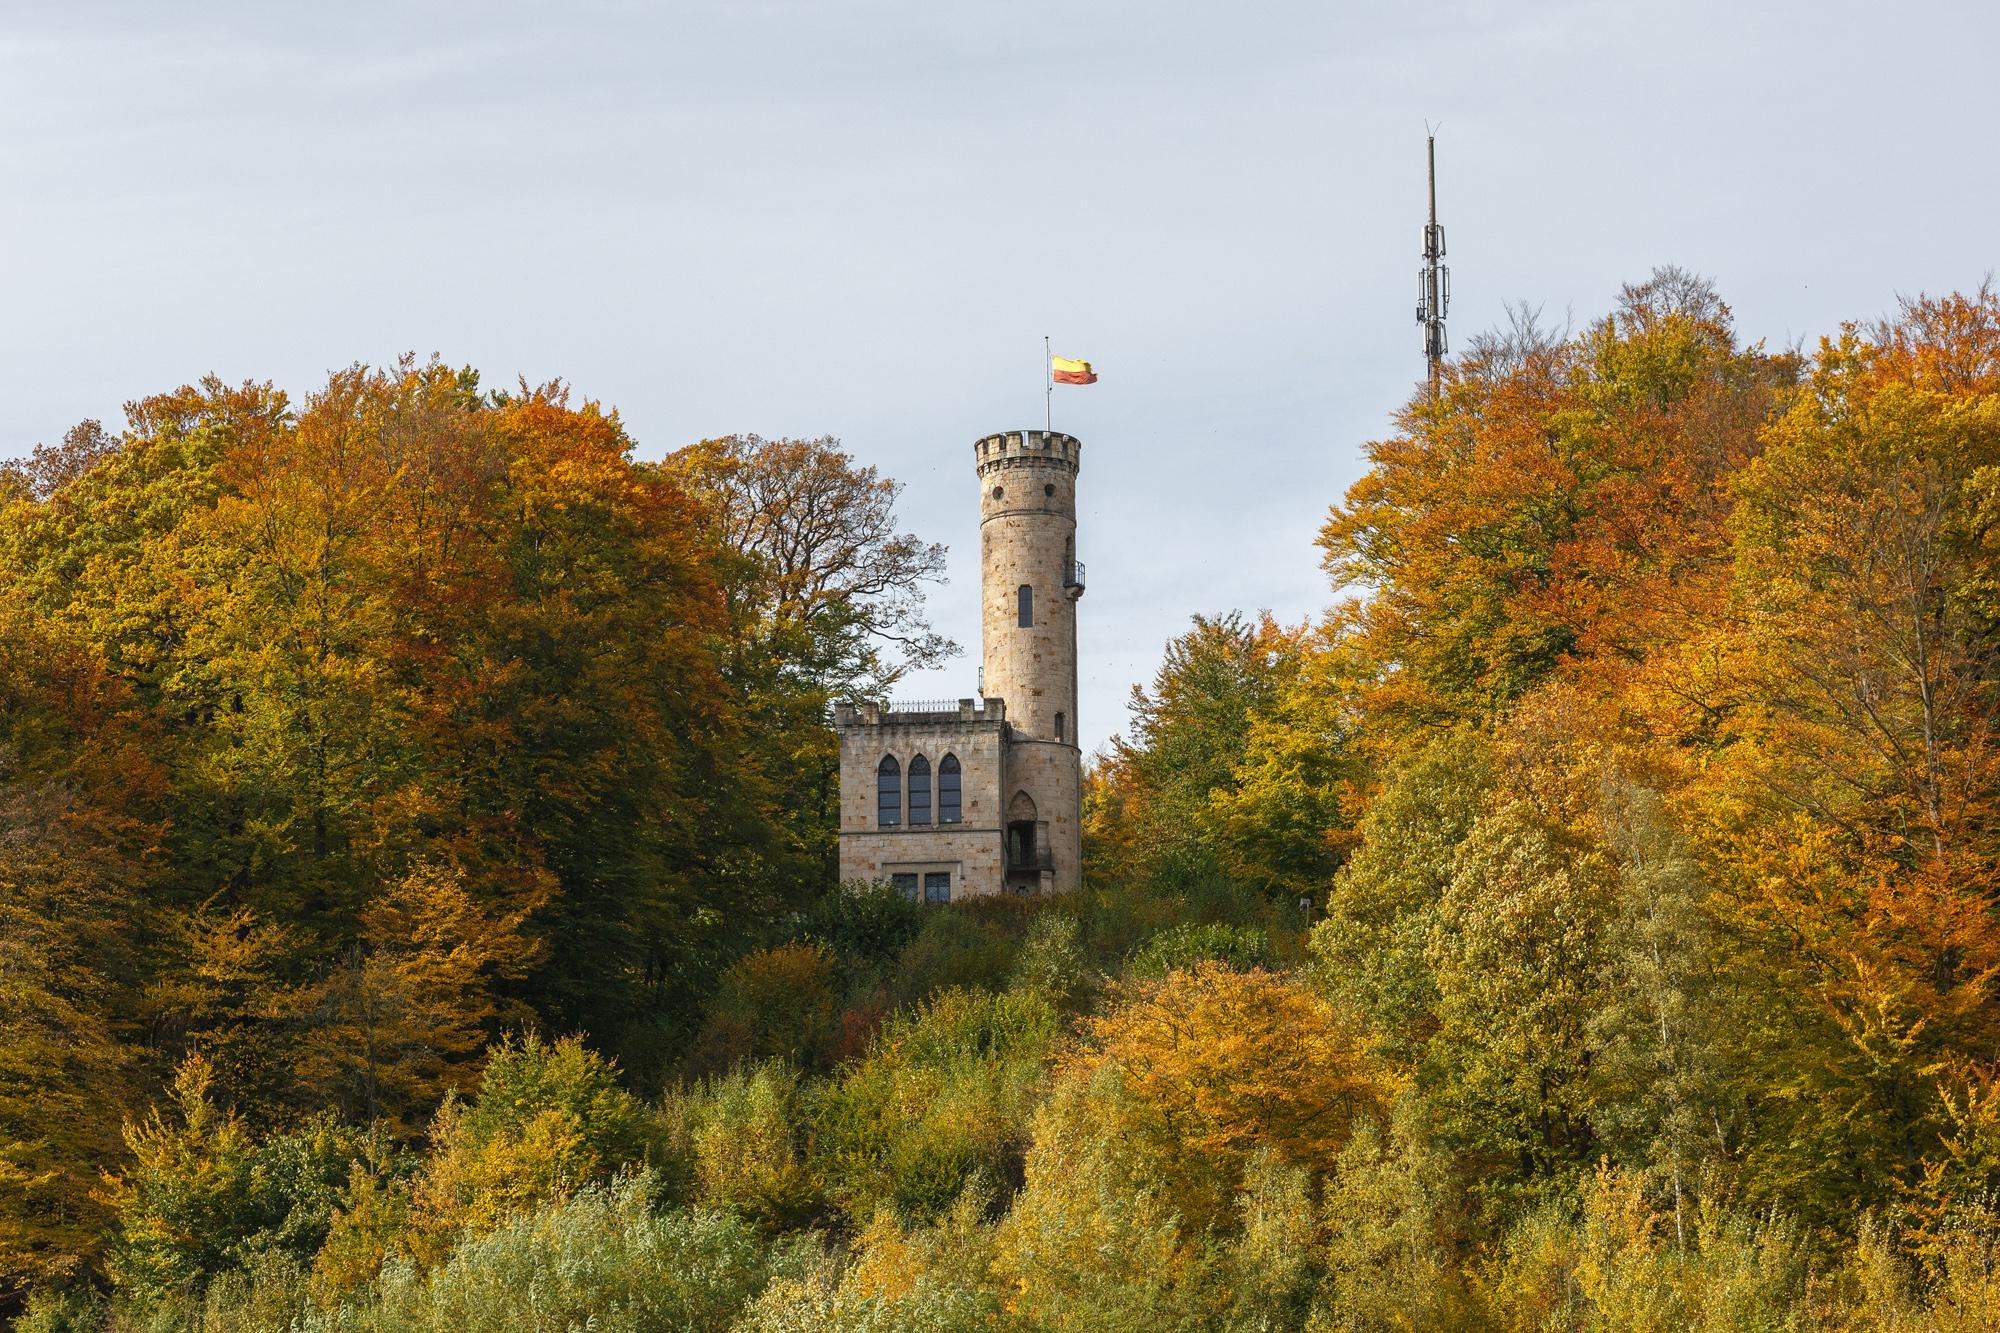 Beliebtes Ziel von Wanderern: die Tillyschanze. Foto: Touristik Naturpark Münden e. V./Photo Burkhardt